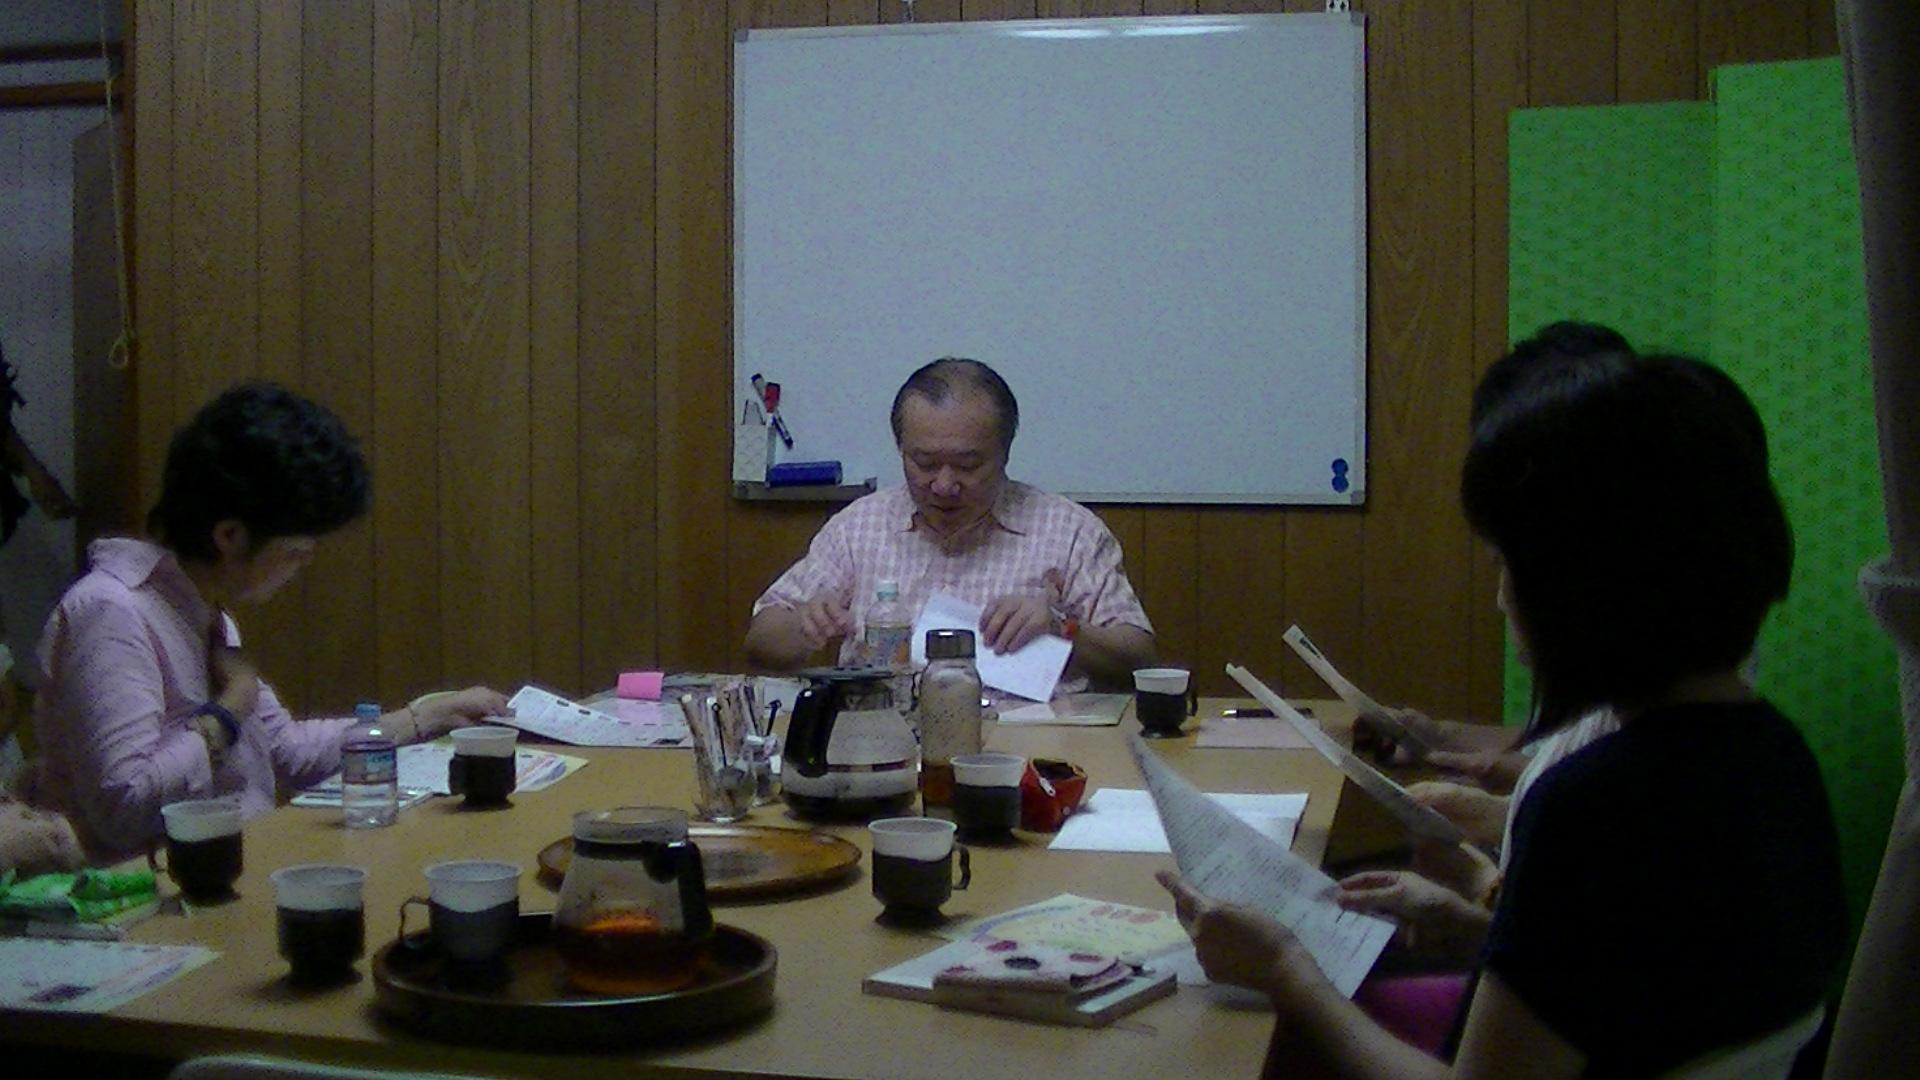 PIC 0446 - 池川先生から教えて頂いた令和の時代の生き方